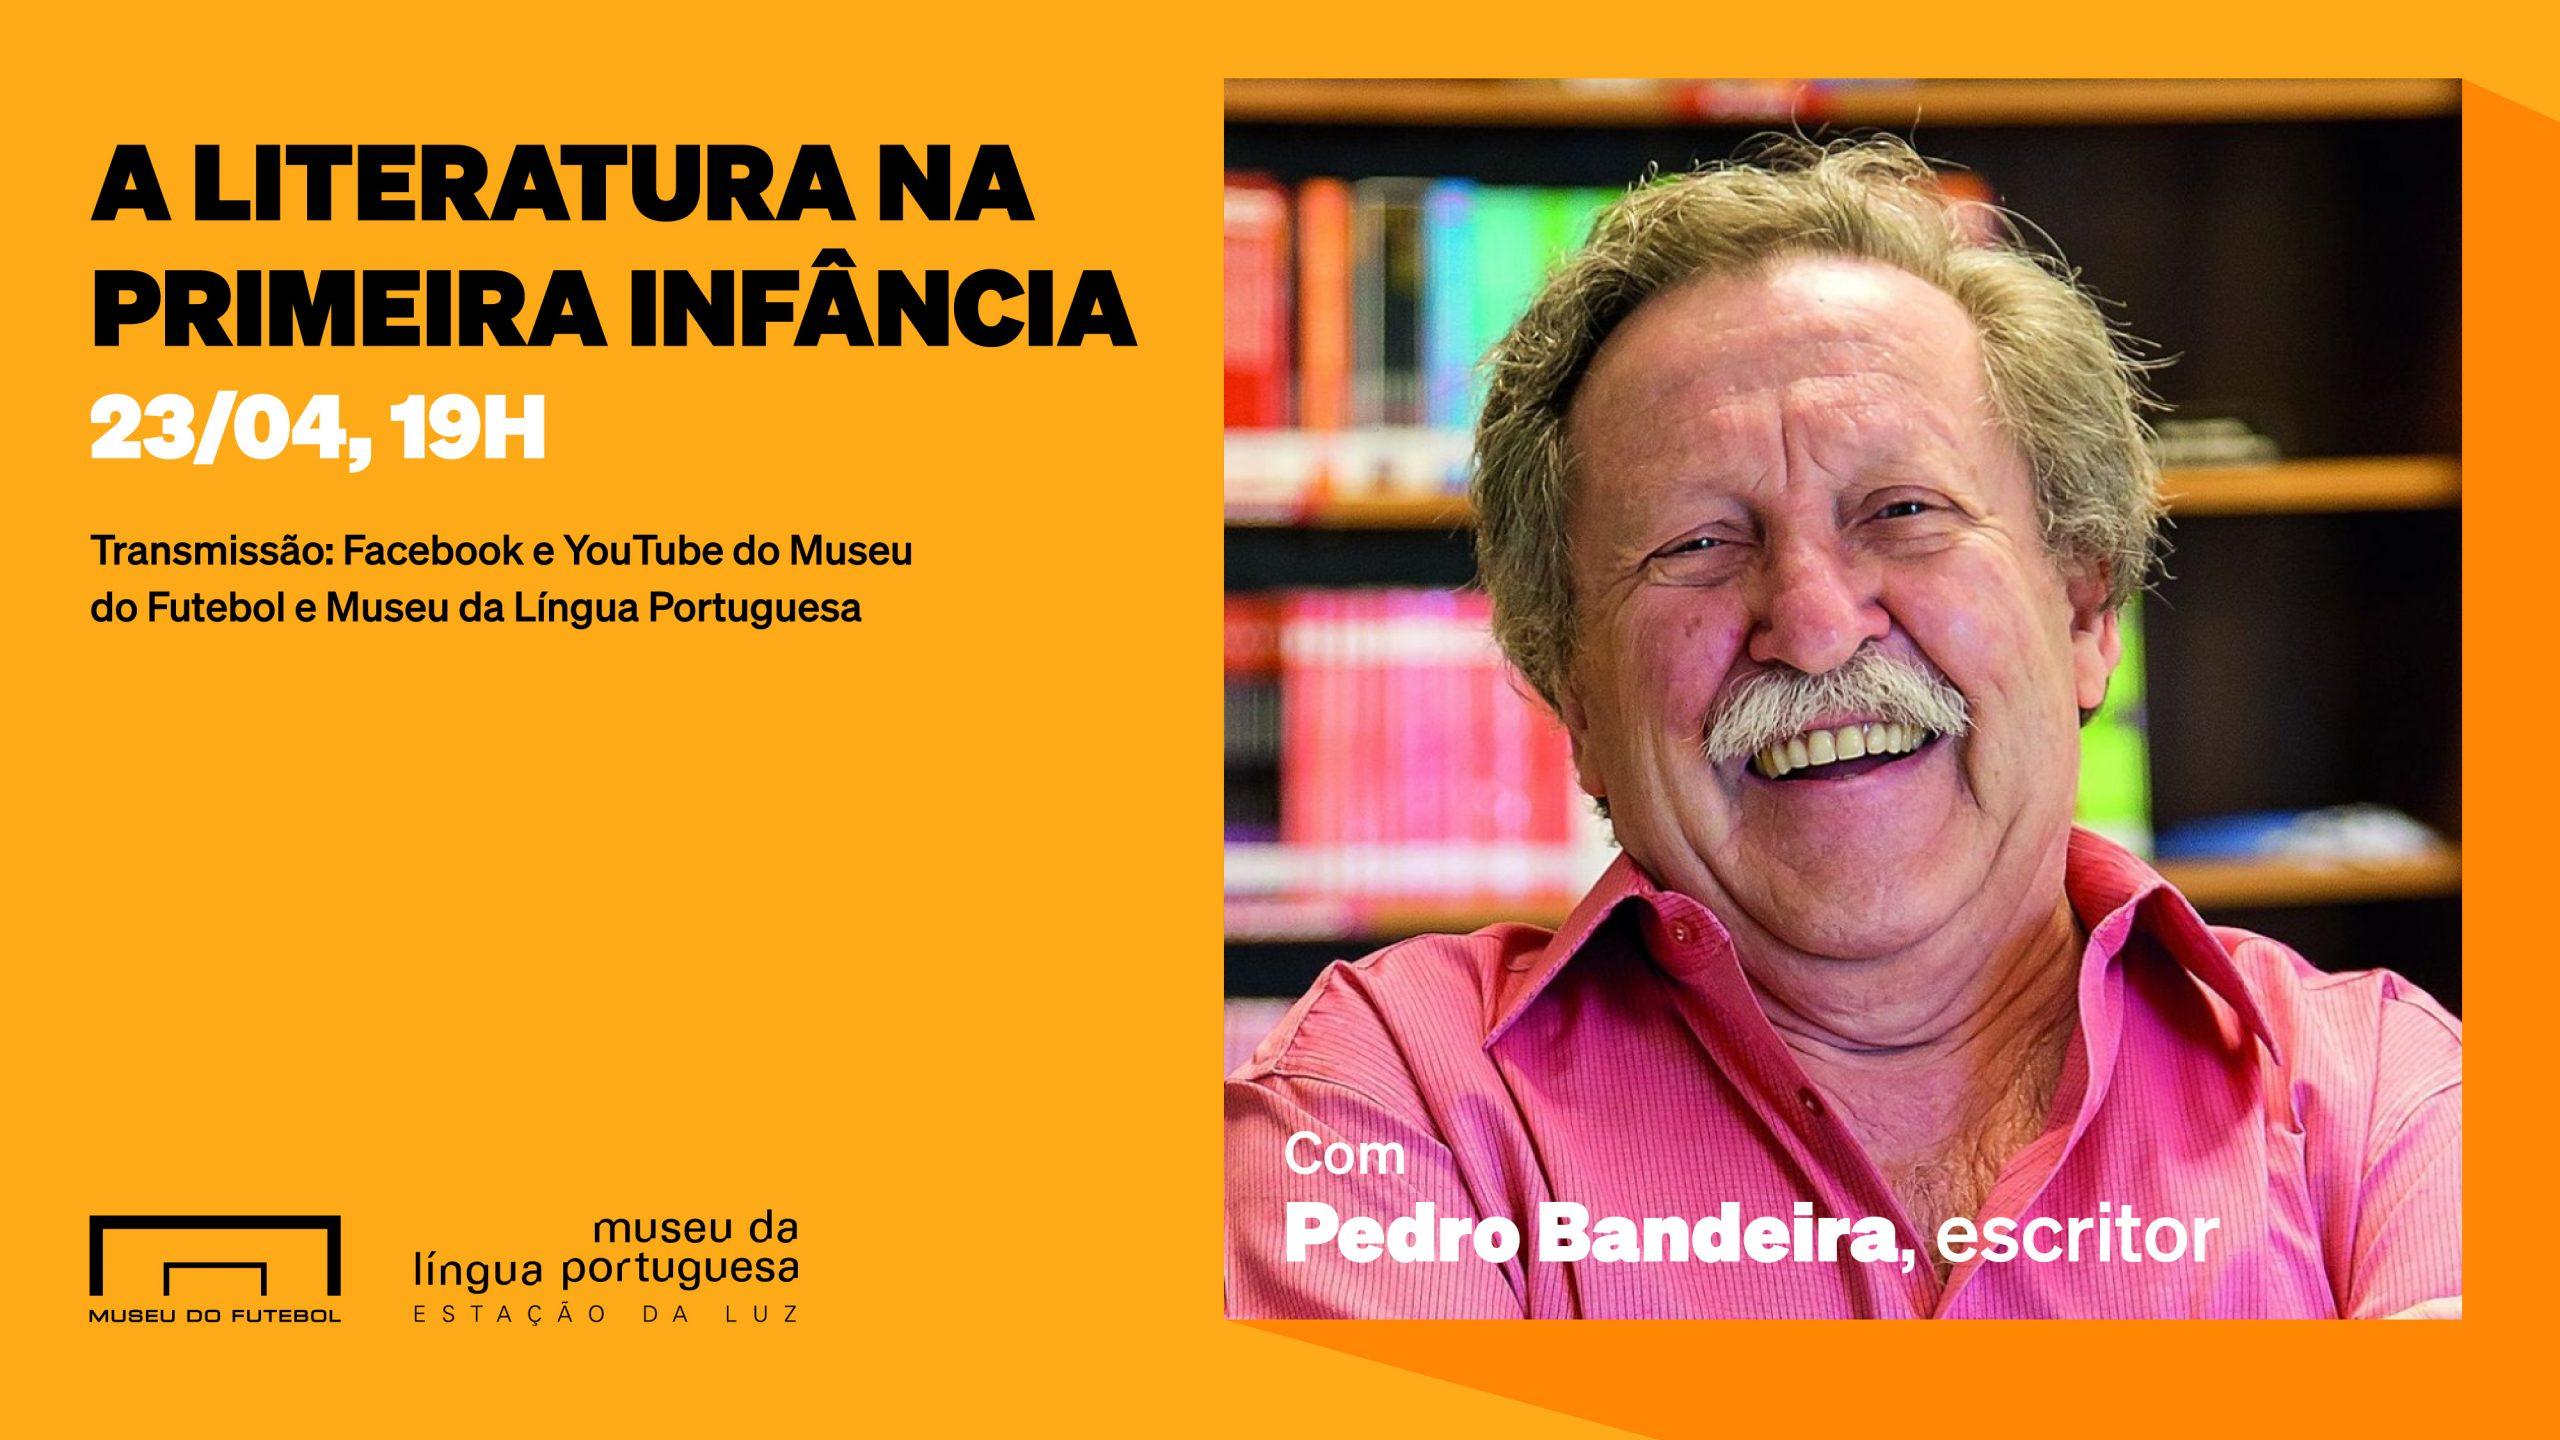 A literatura na primeira infância. Foto de Pedro Bandeira, um senhor sorridente de bigode, vestindo camisa rosa.